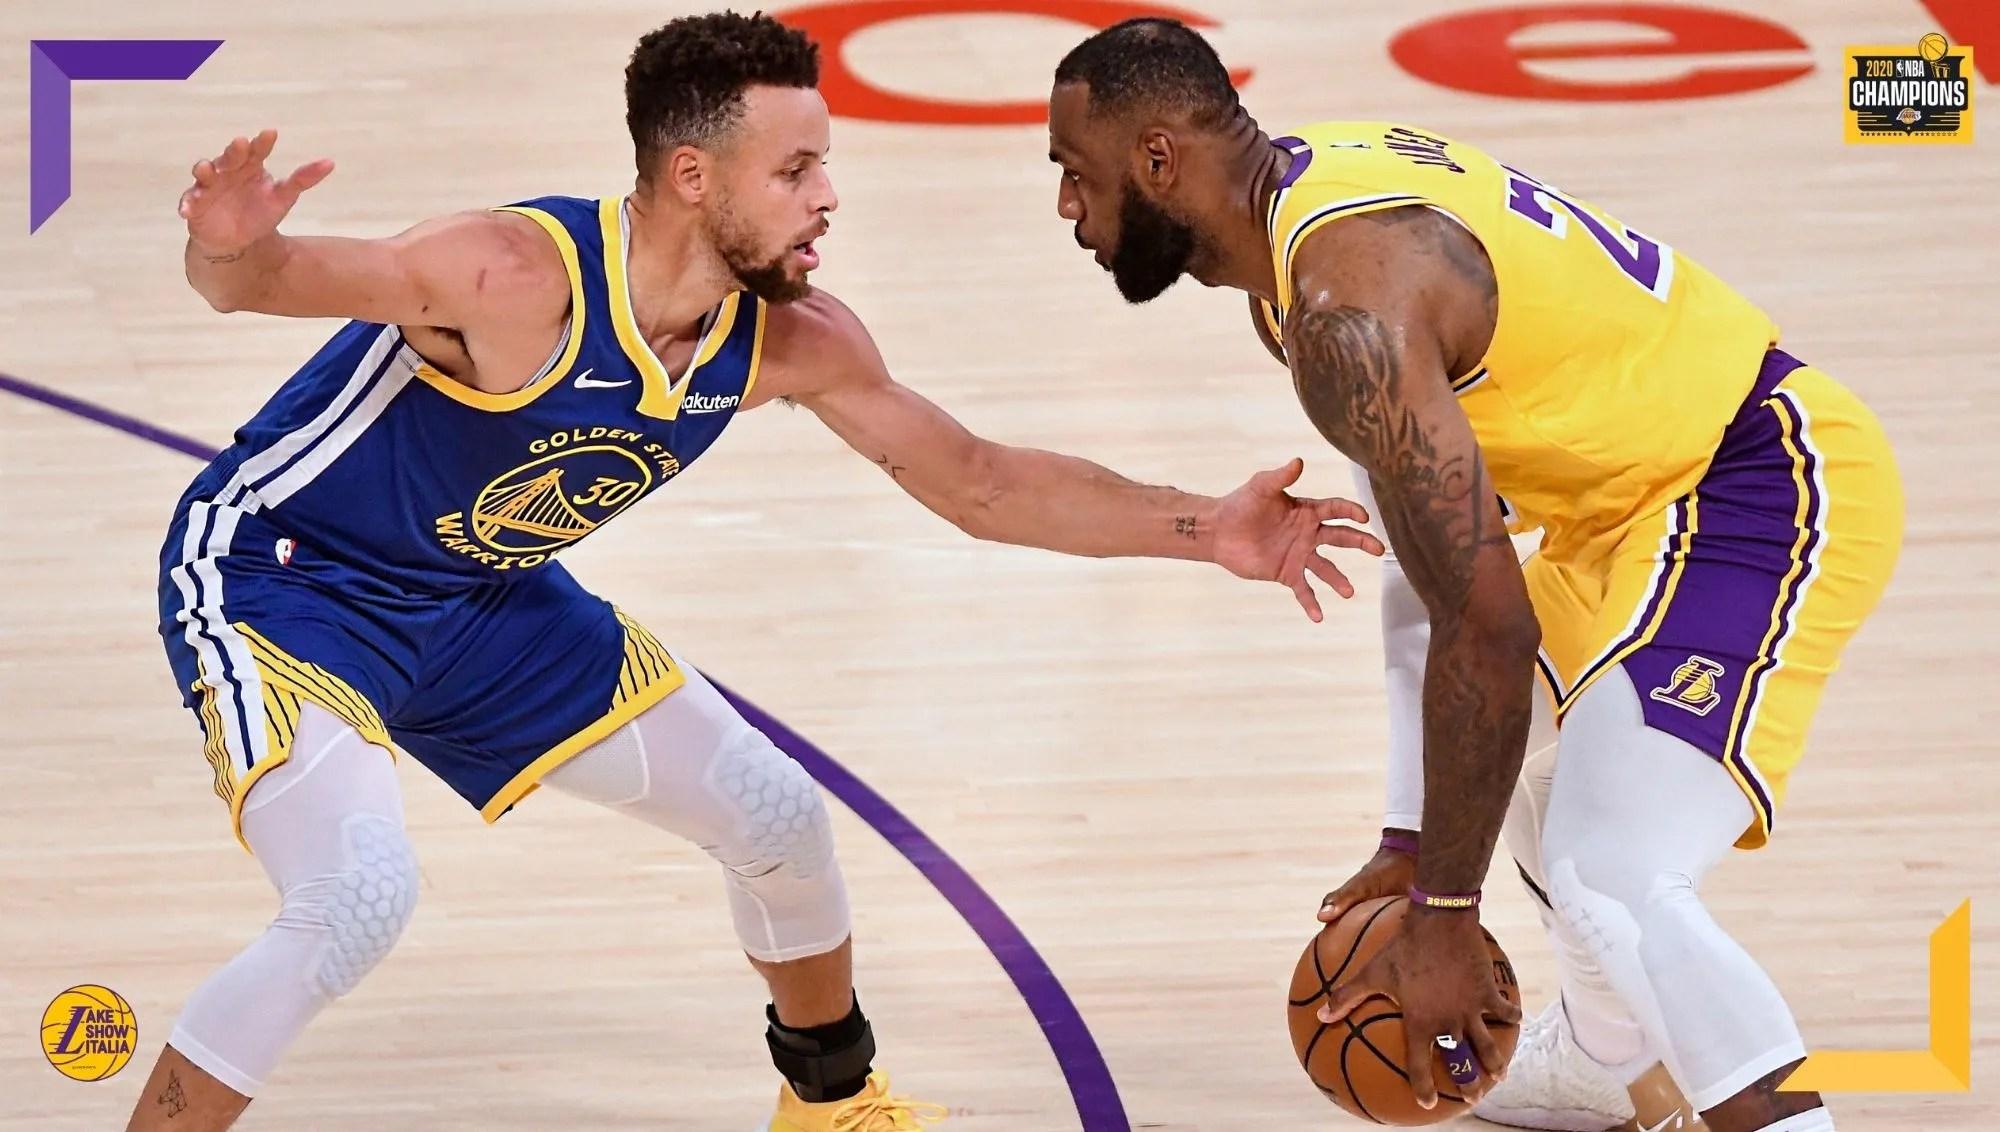 La stagione di Golden State, la strategia difensiva contro Curry e l'arma letale Anthony Davis. La preview del play-in tra Lakers e Warriors.